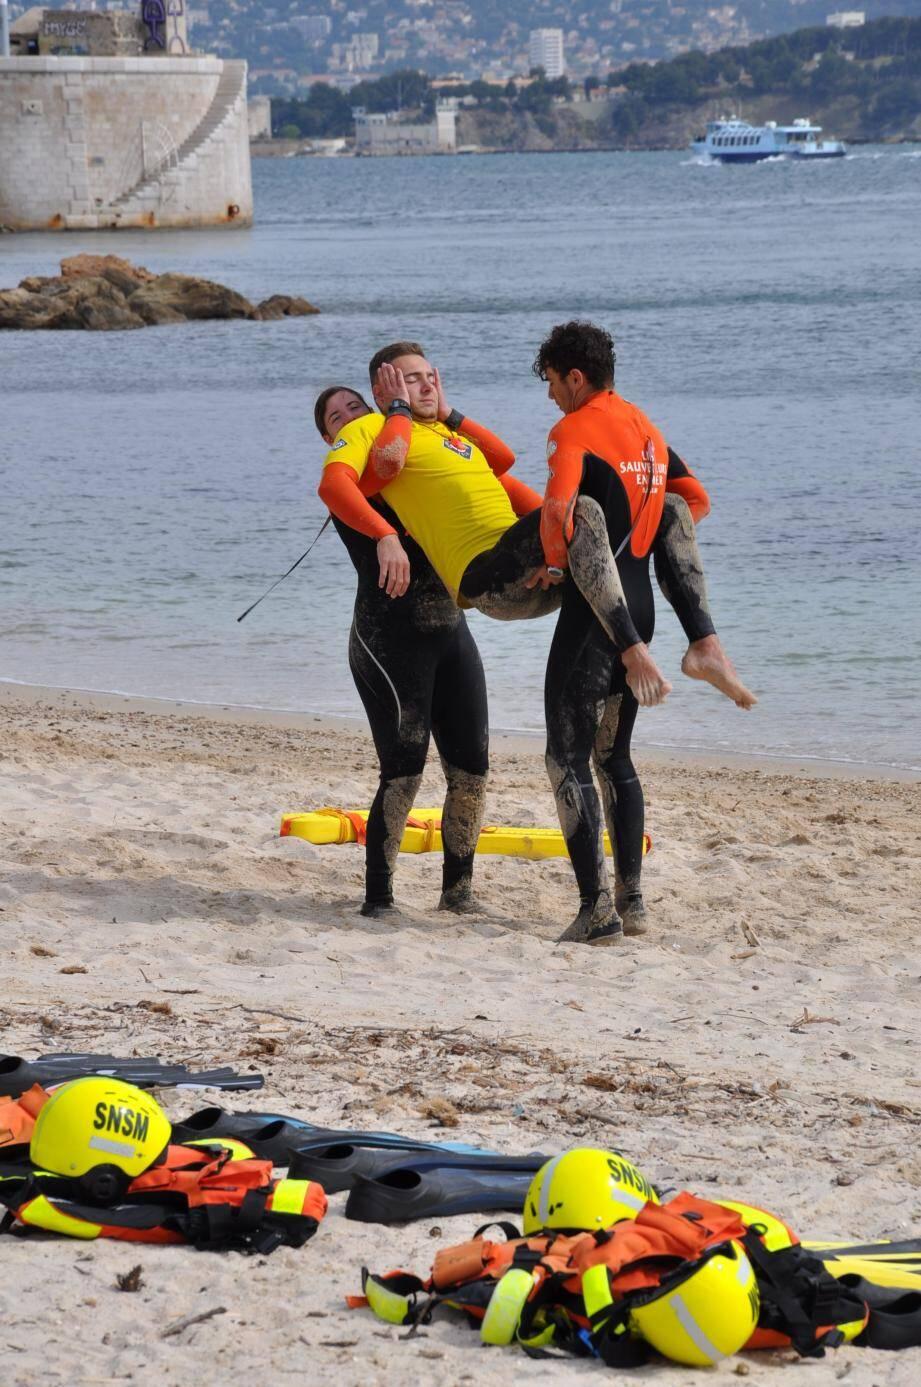 Voici la promotion 2019 des nageurs sauveteurs varois de la SNSM, que vous retrouverez en poste de surveillance sur les plages cet été.